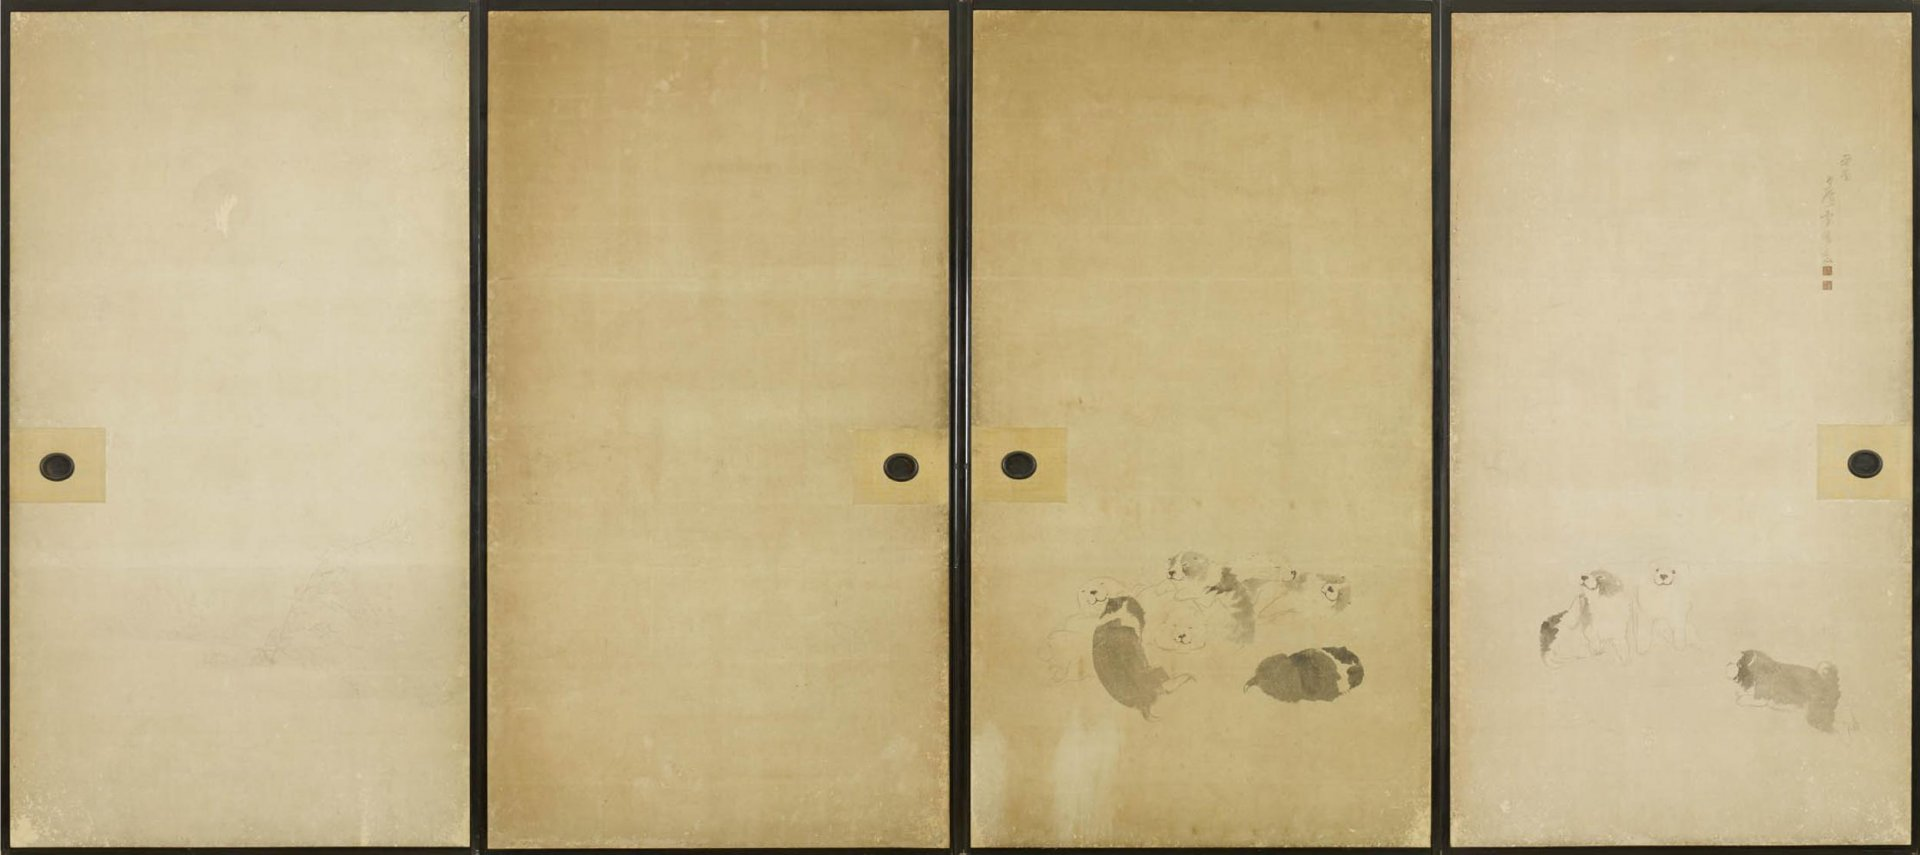 Nagasawa Rosetsu6456.jpg